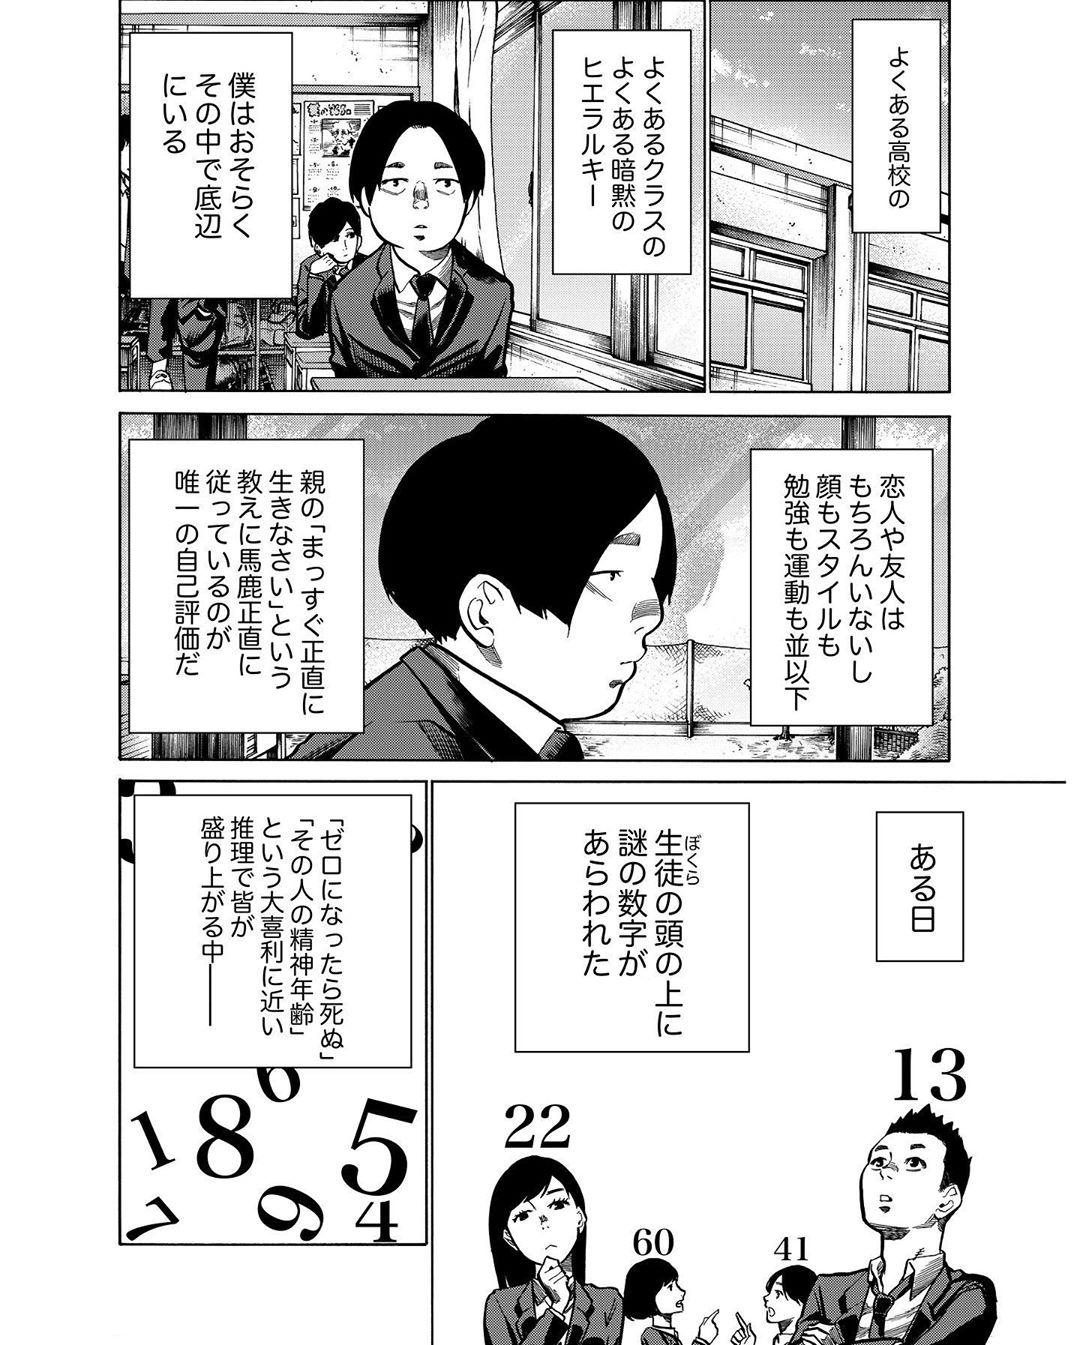 kawakamidaishirou_88417112_494089811283428_3910886527704152751_n